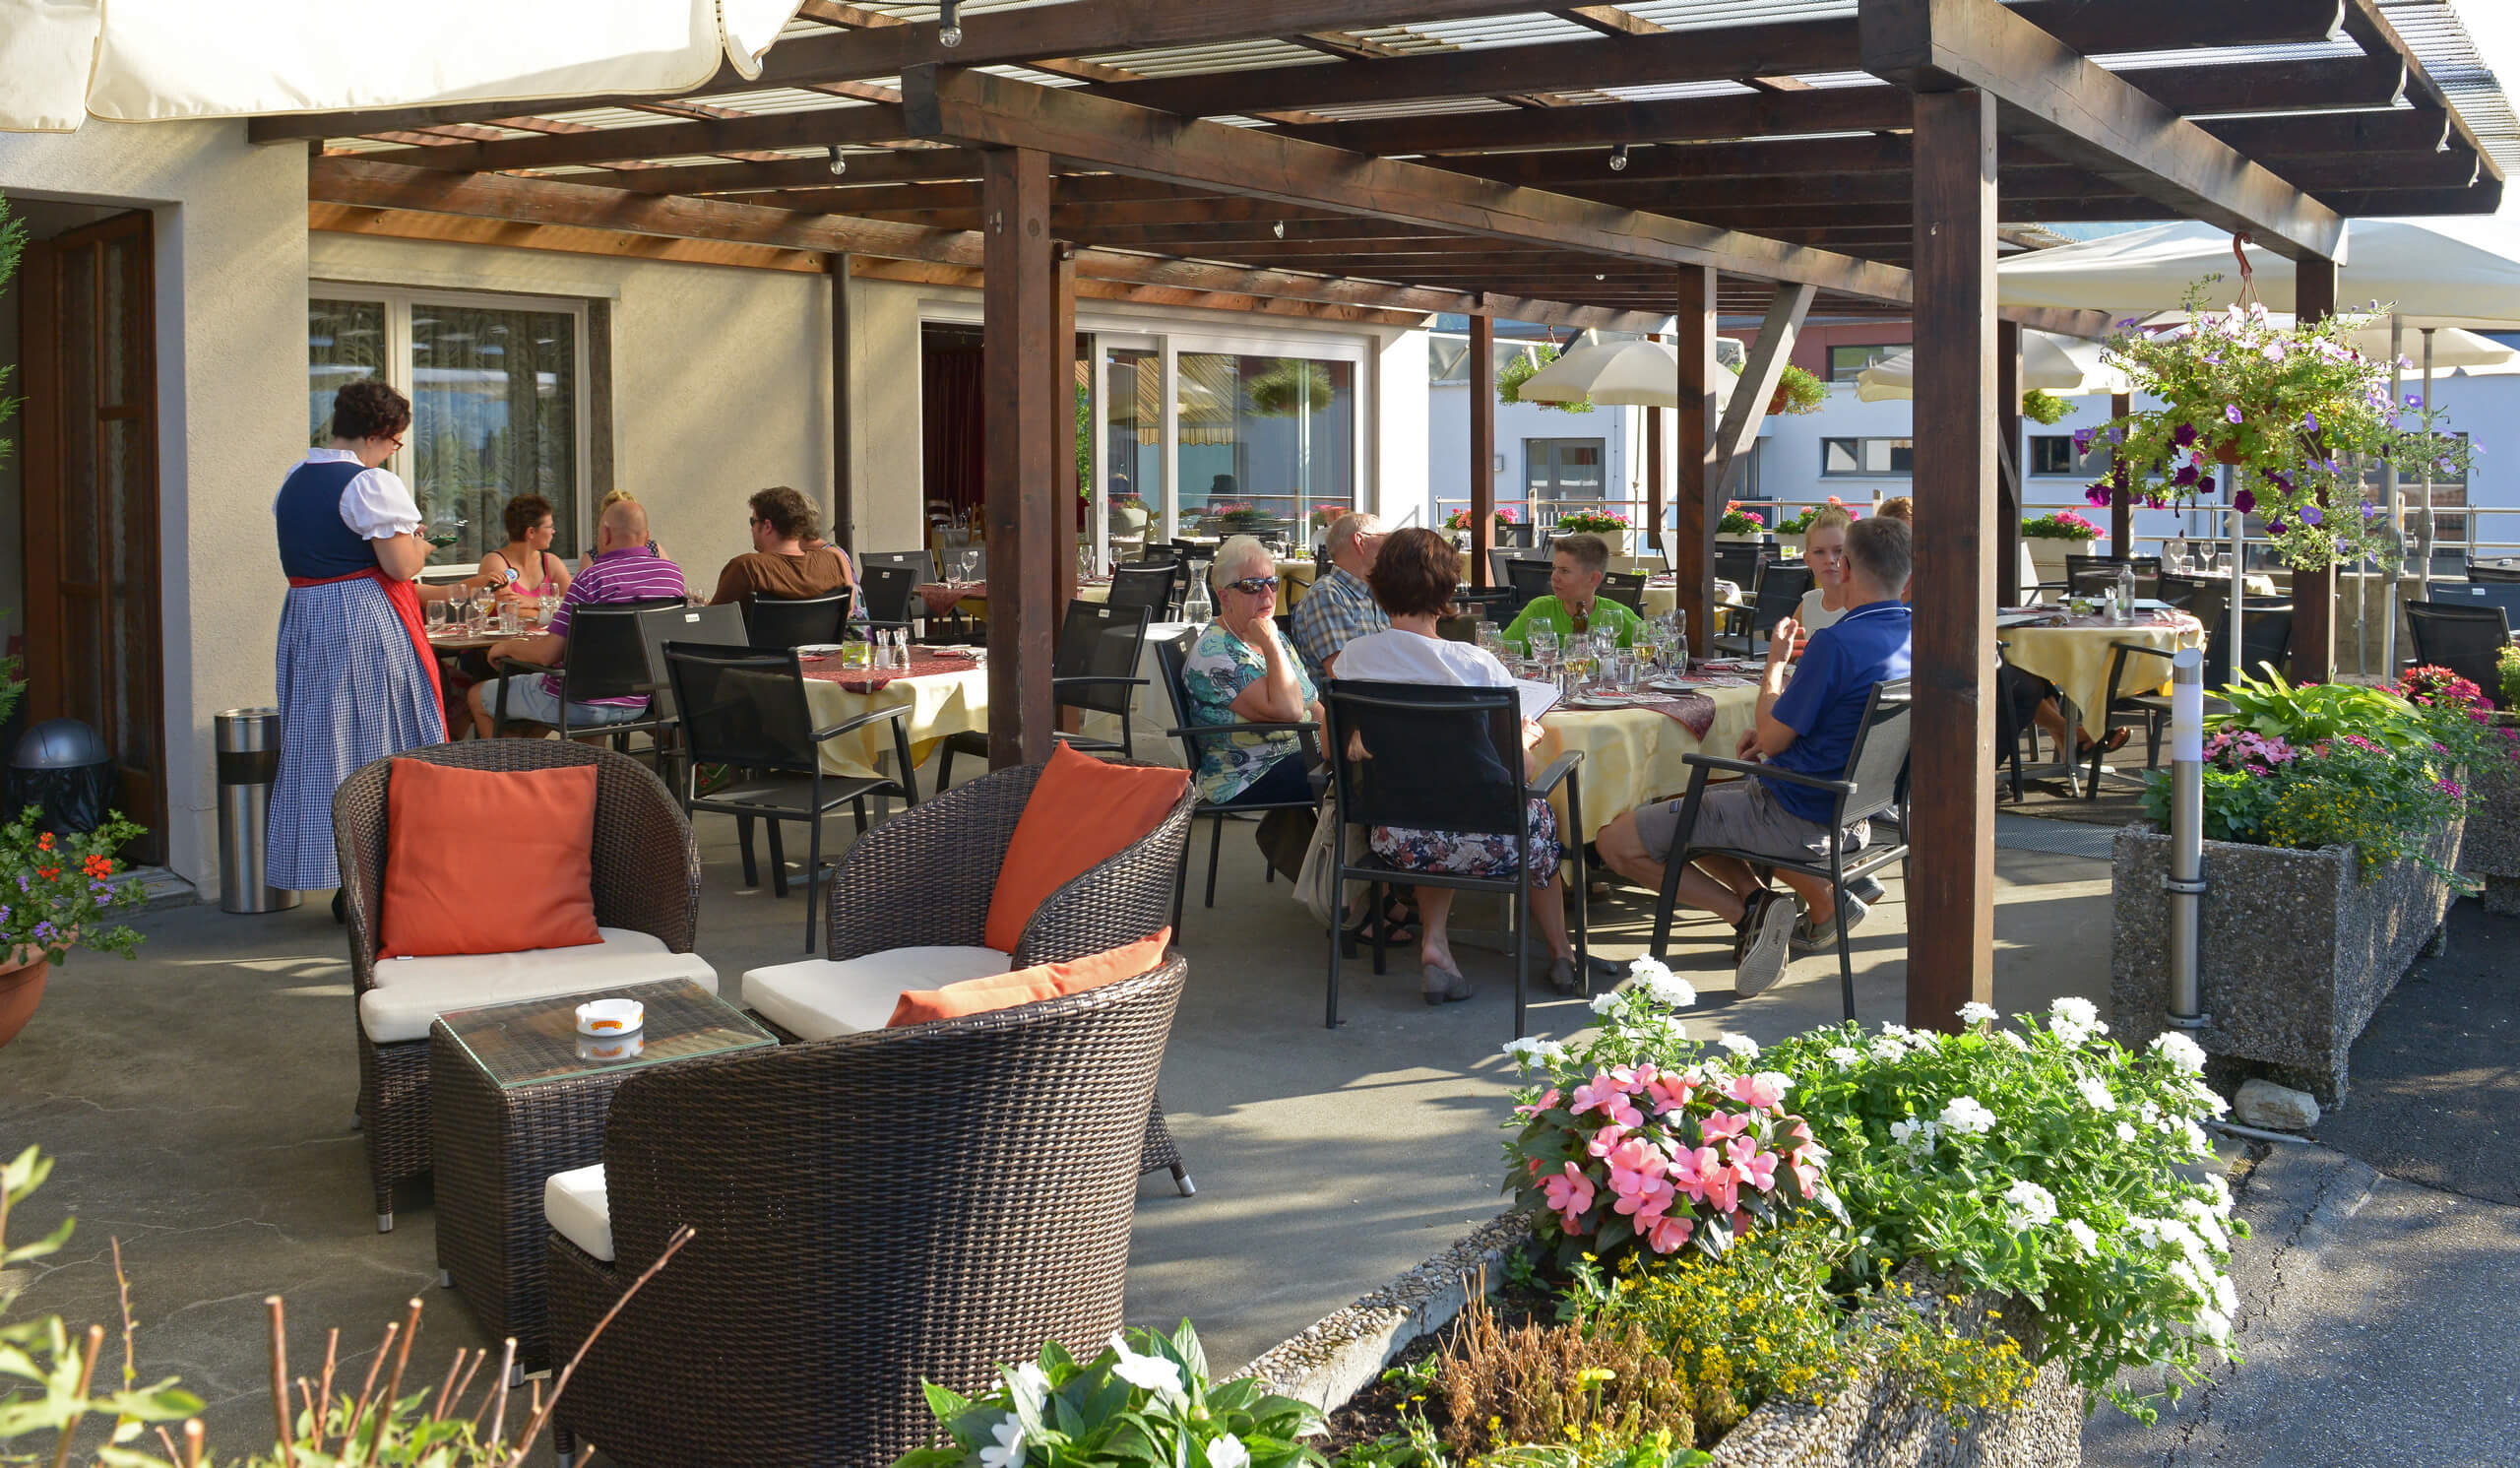 hotel-brienz-restaurant-terrasse.jpg